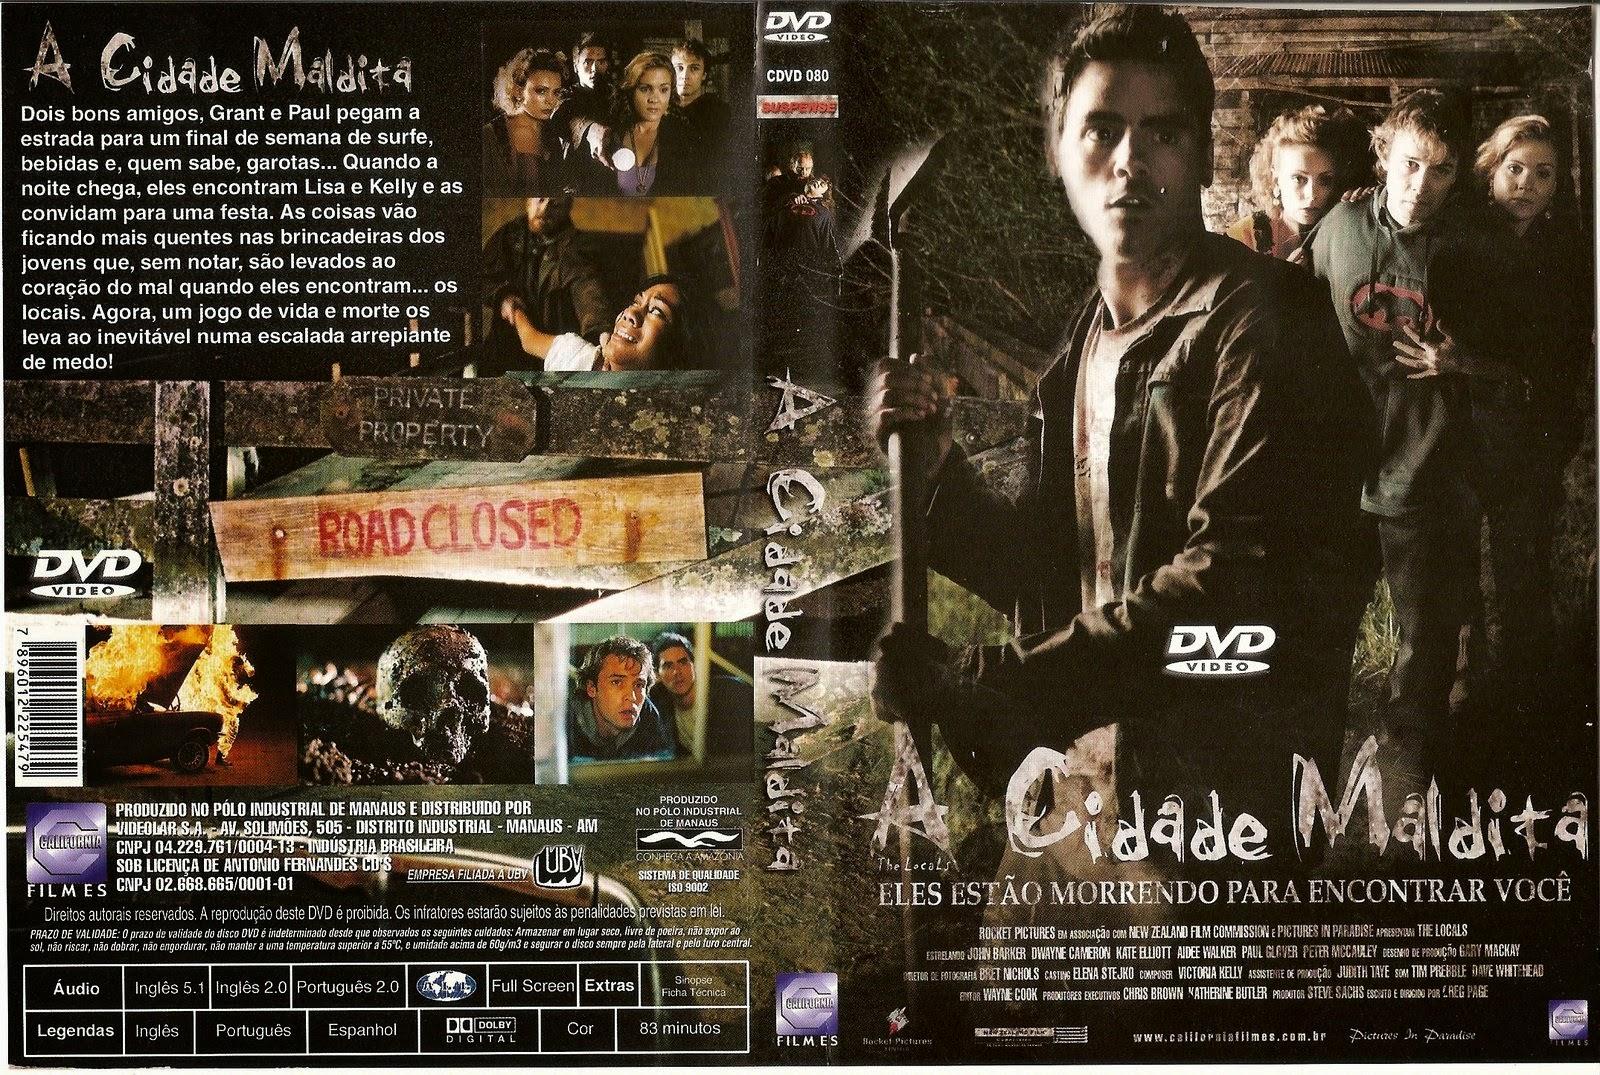 A Cidade Maldita DVD Capa